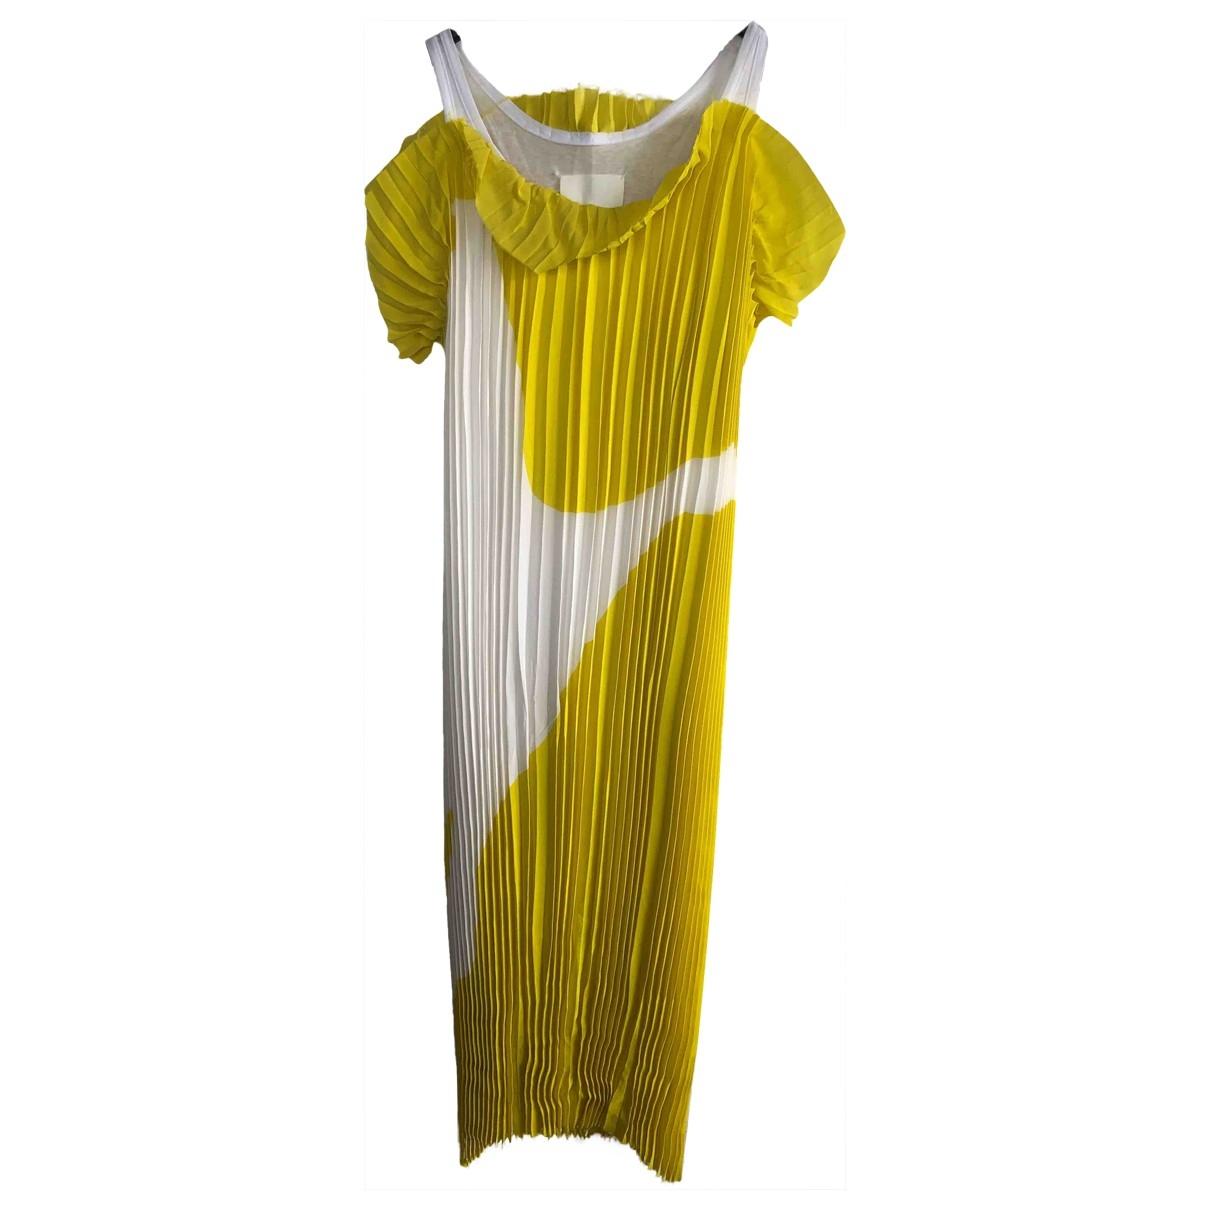 Maison Martin Margiela - Robe   pour femme en soie - jaune